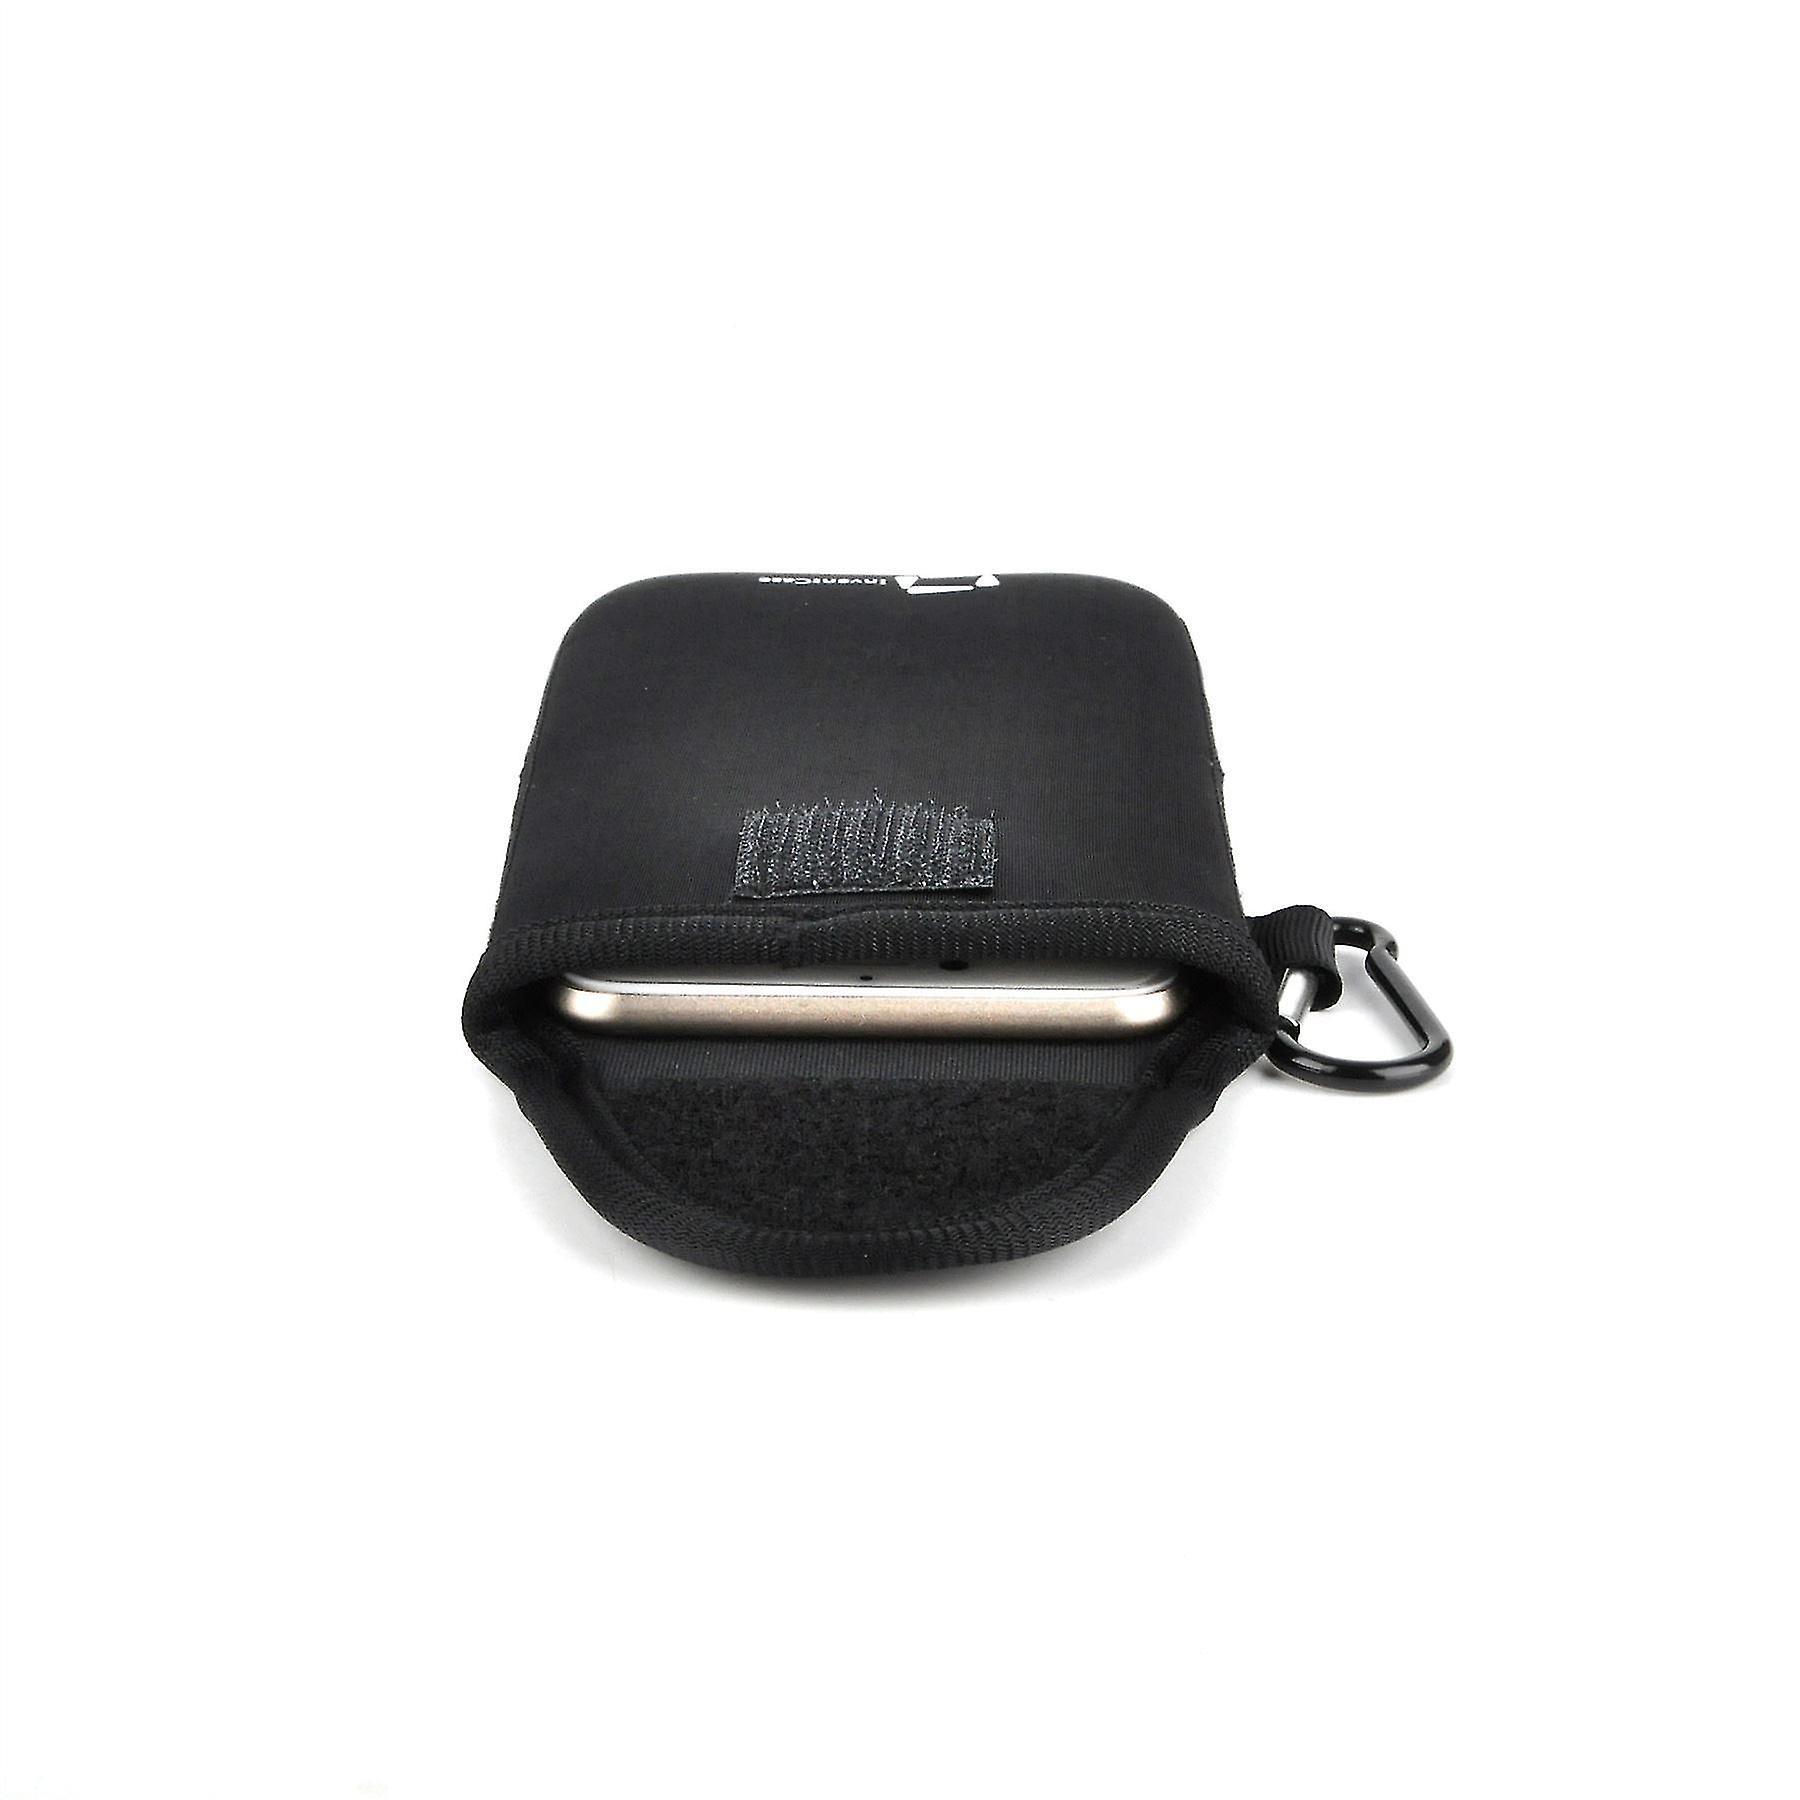 كيس تغطية القضية الحقيبة واقية مقاومة لتأثير النيوبرين إينفينتكاسي مع إغلاق Velcro و Carabiner الألومنيوم لبلاك بيري بولد 9780--الأسود